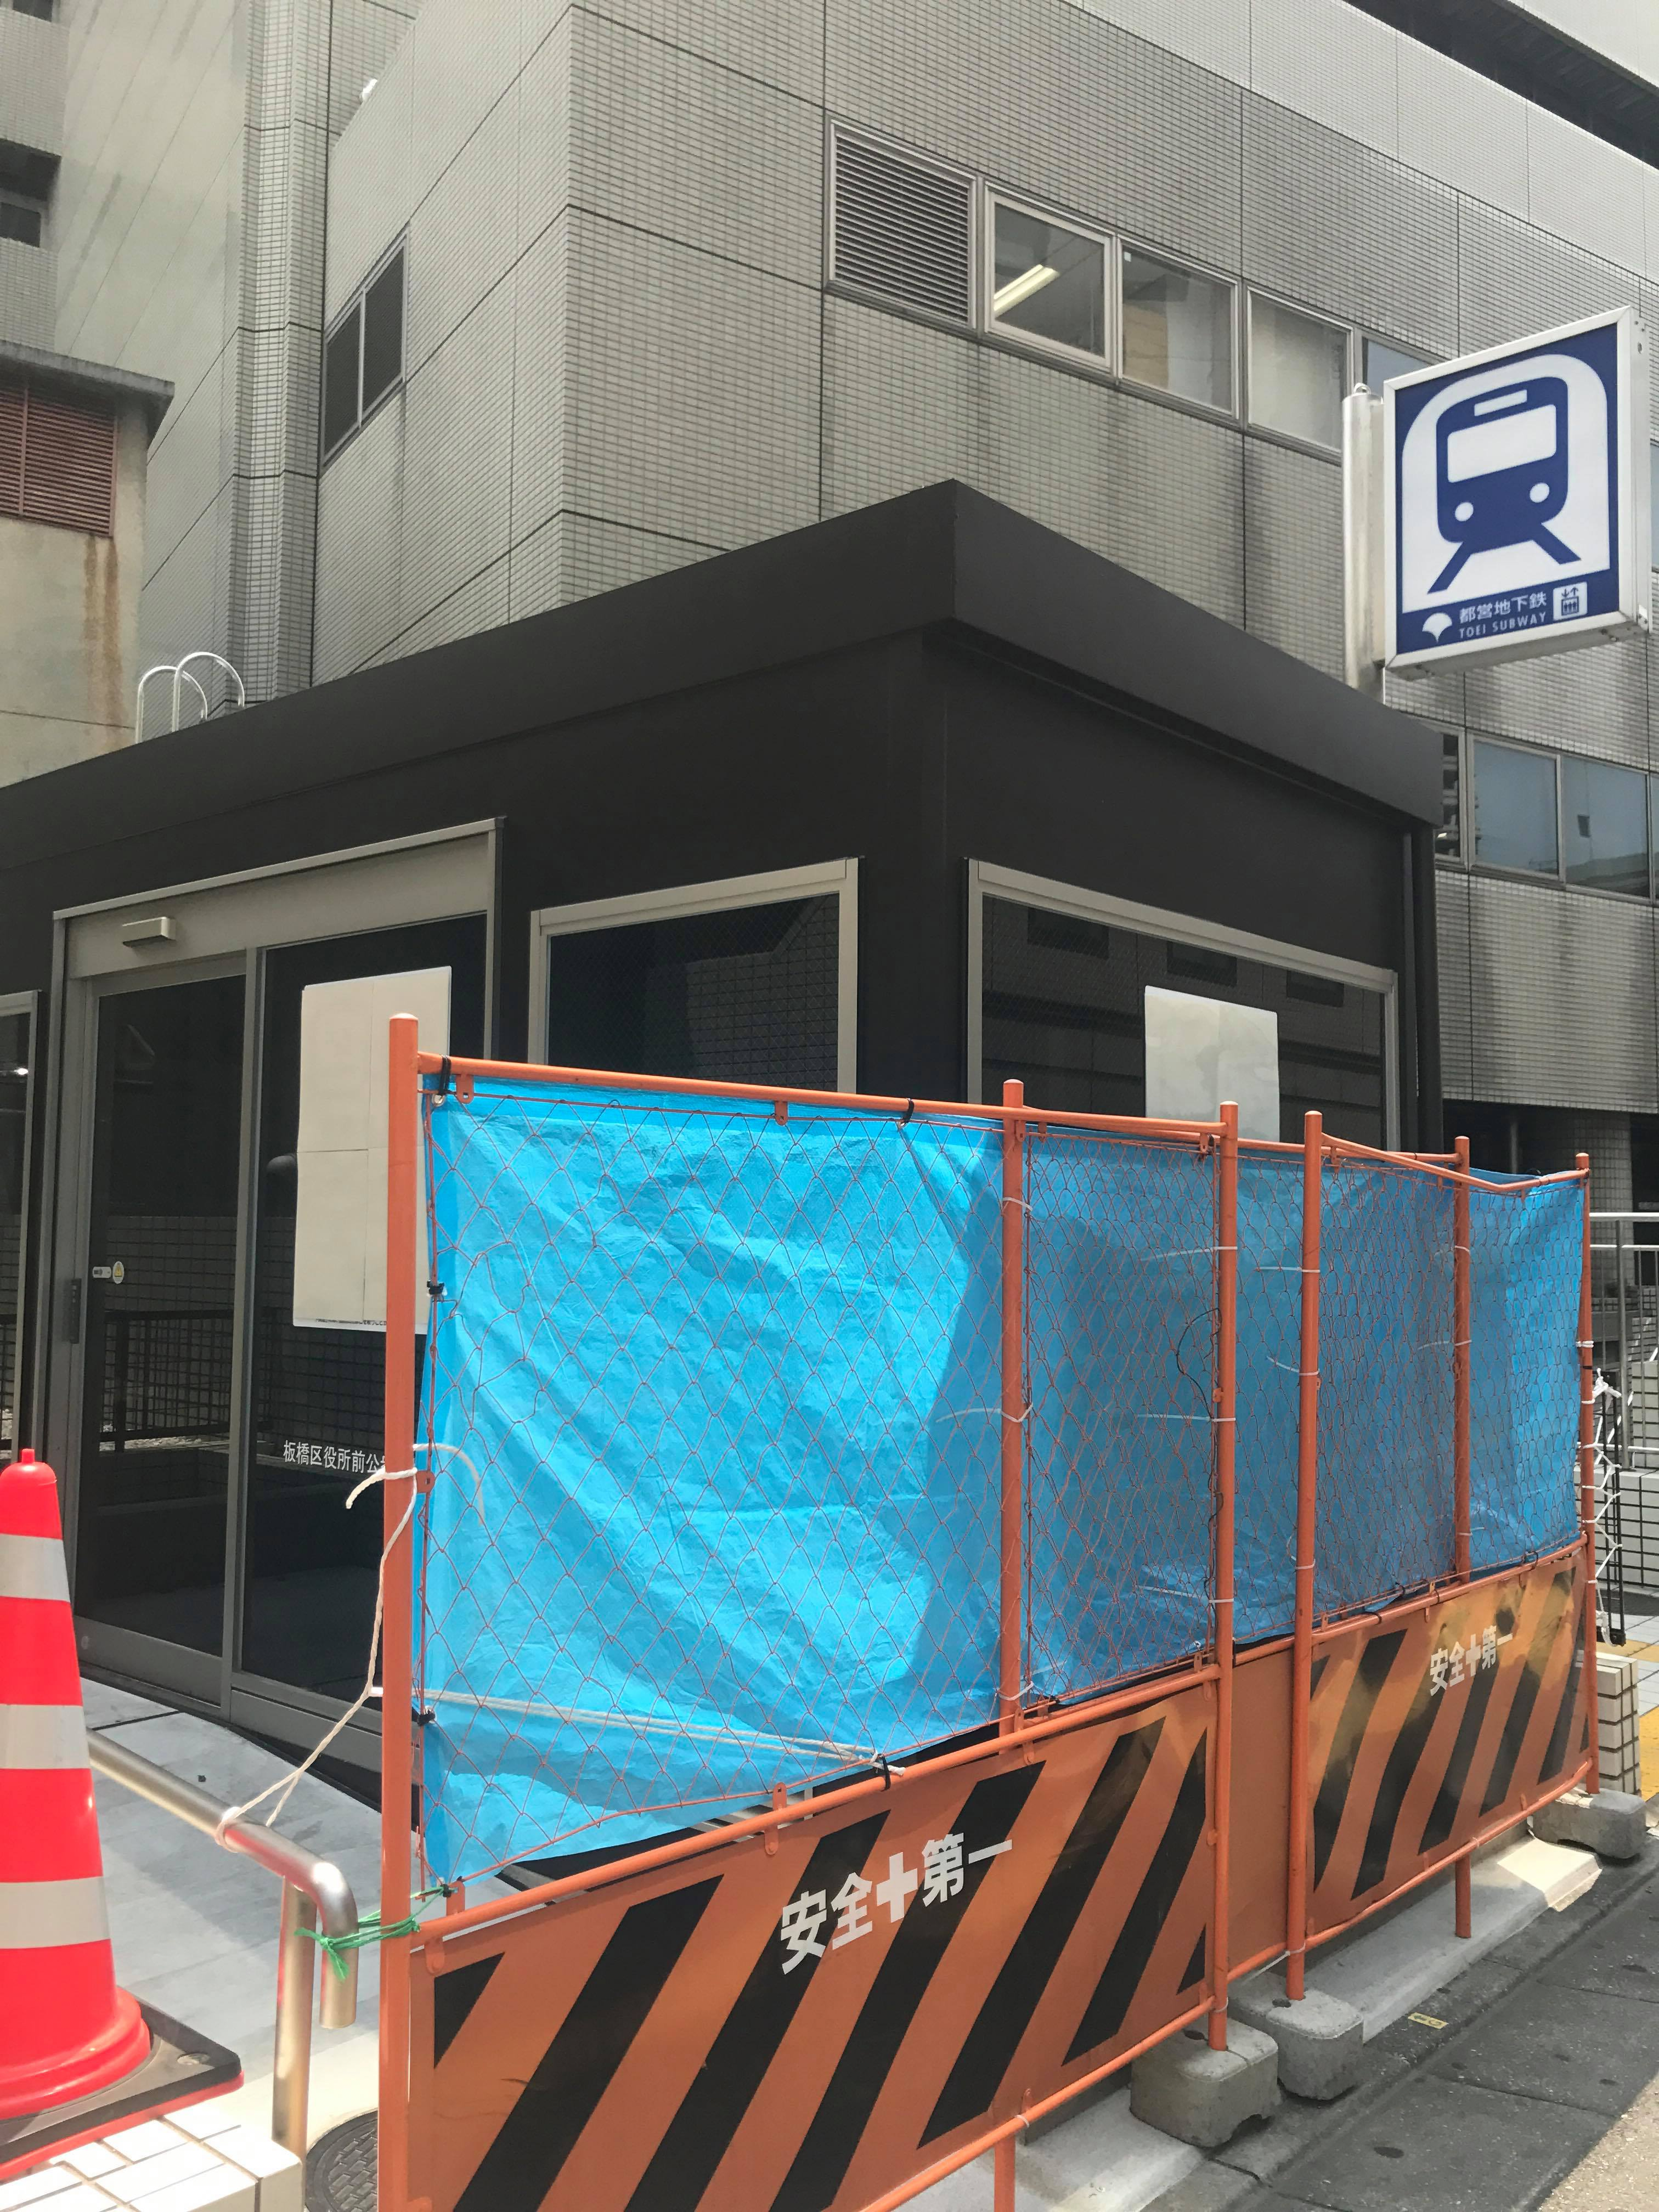 板橋区役所駅前の公衆喫煙所について ②設置場所検討の矛盾